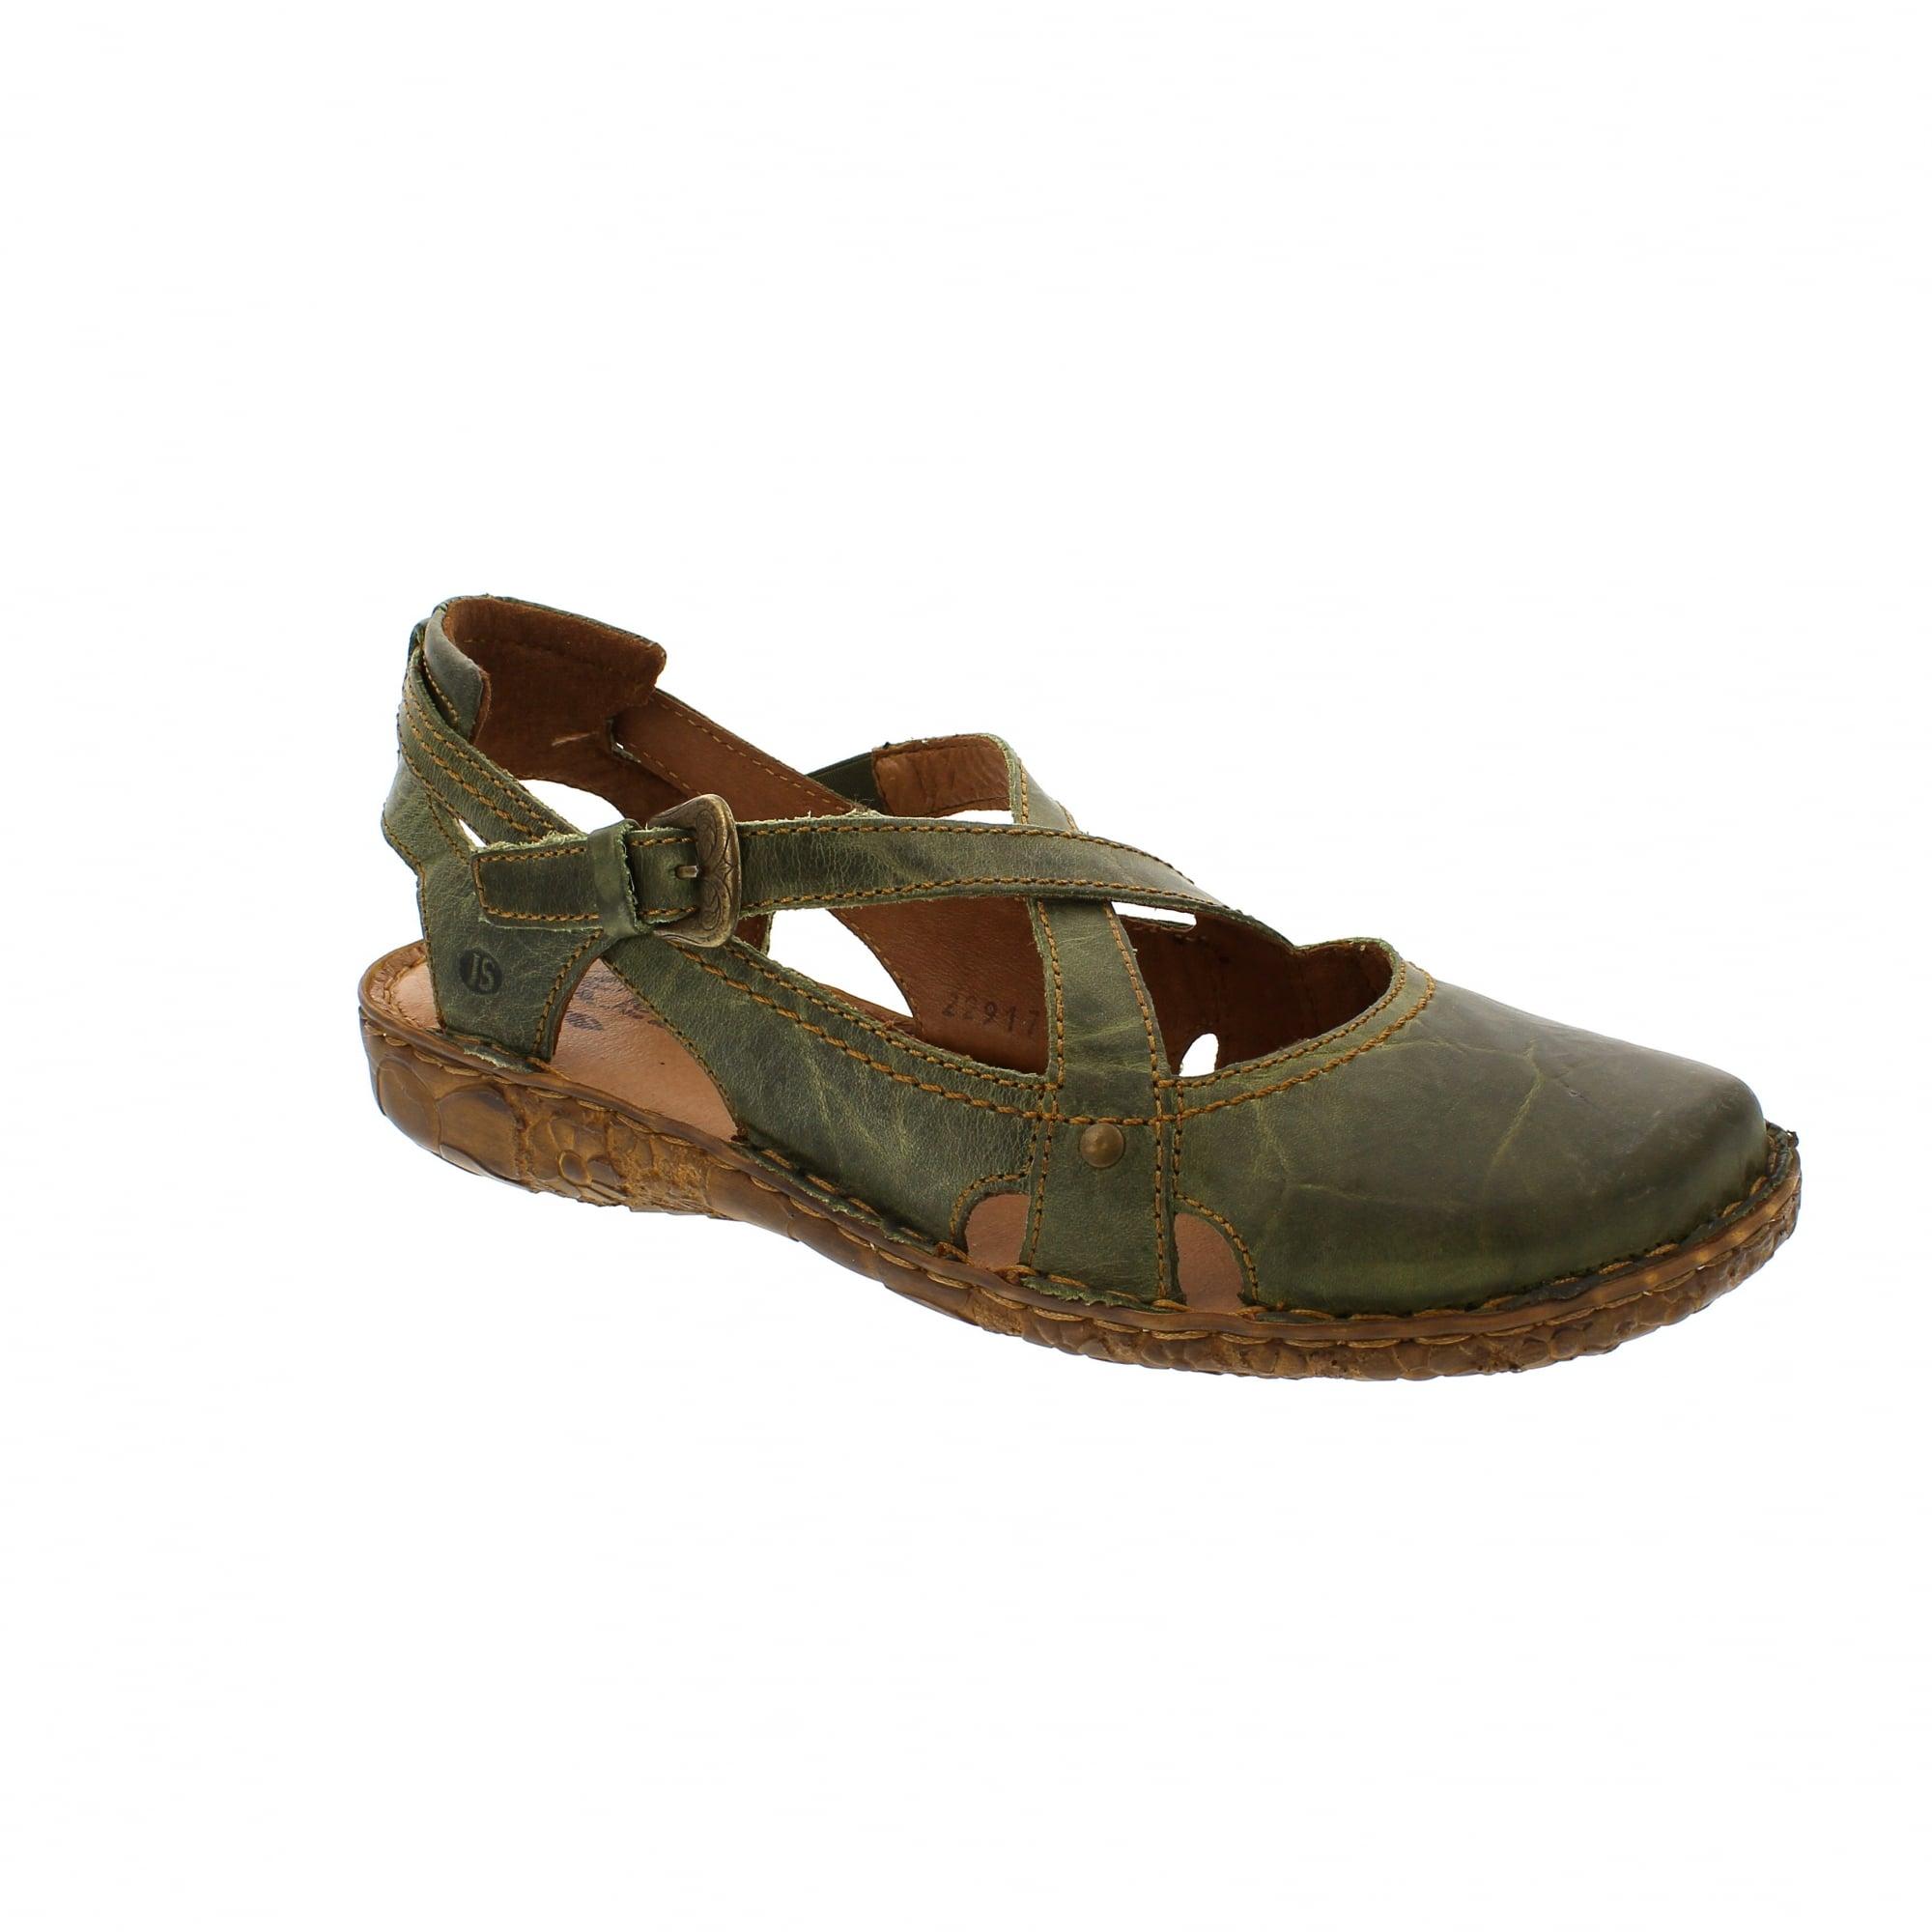 731496a01fb25 Josef Seibel Rosalie 13 79513-95630 Womens Sandals